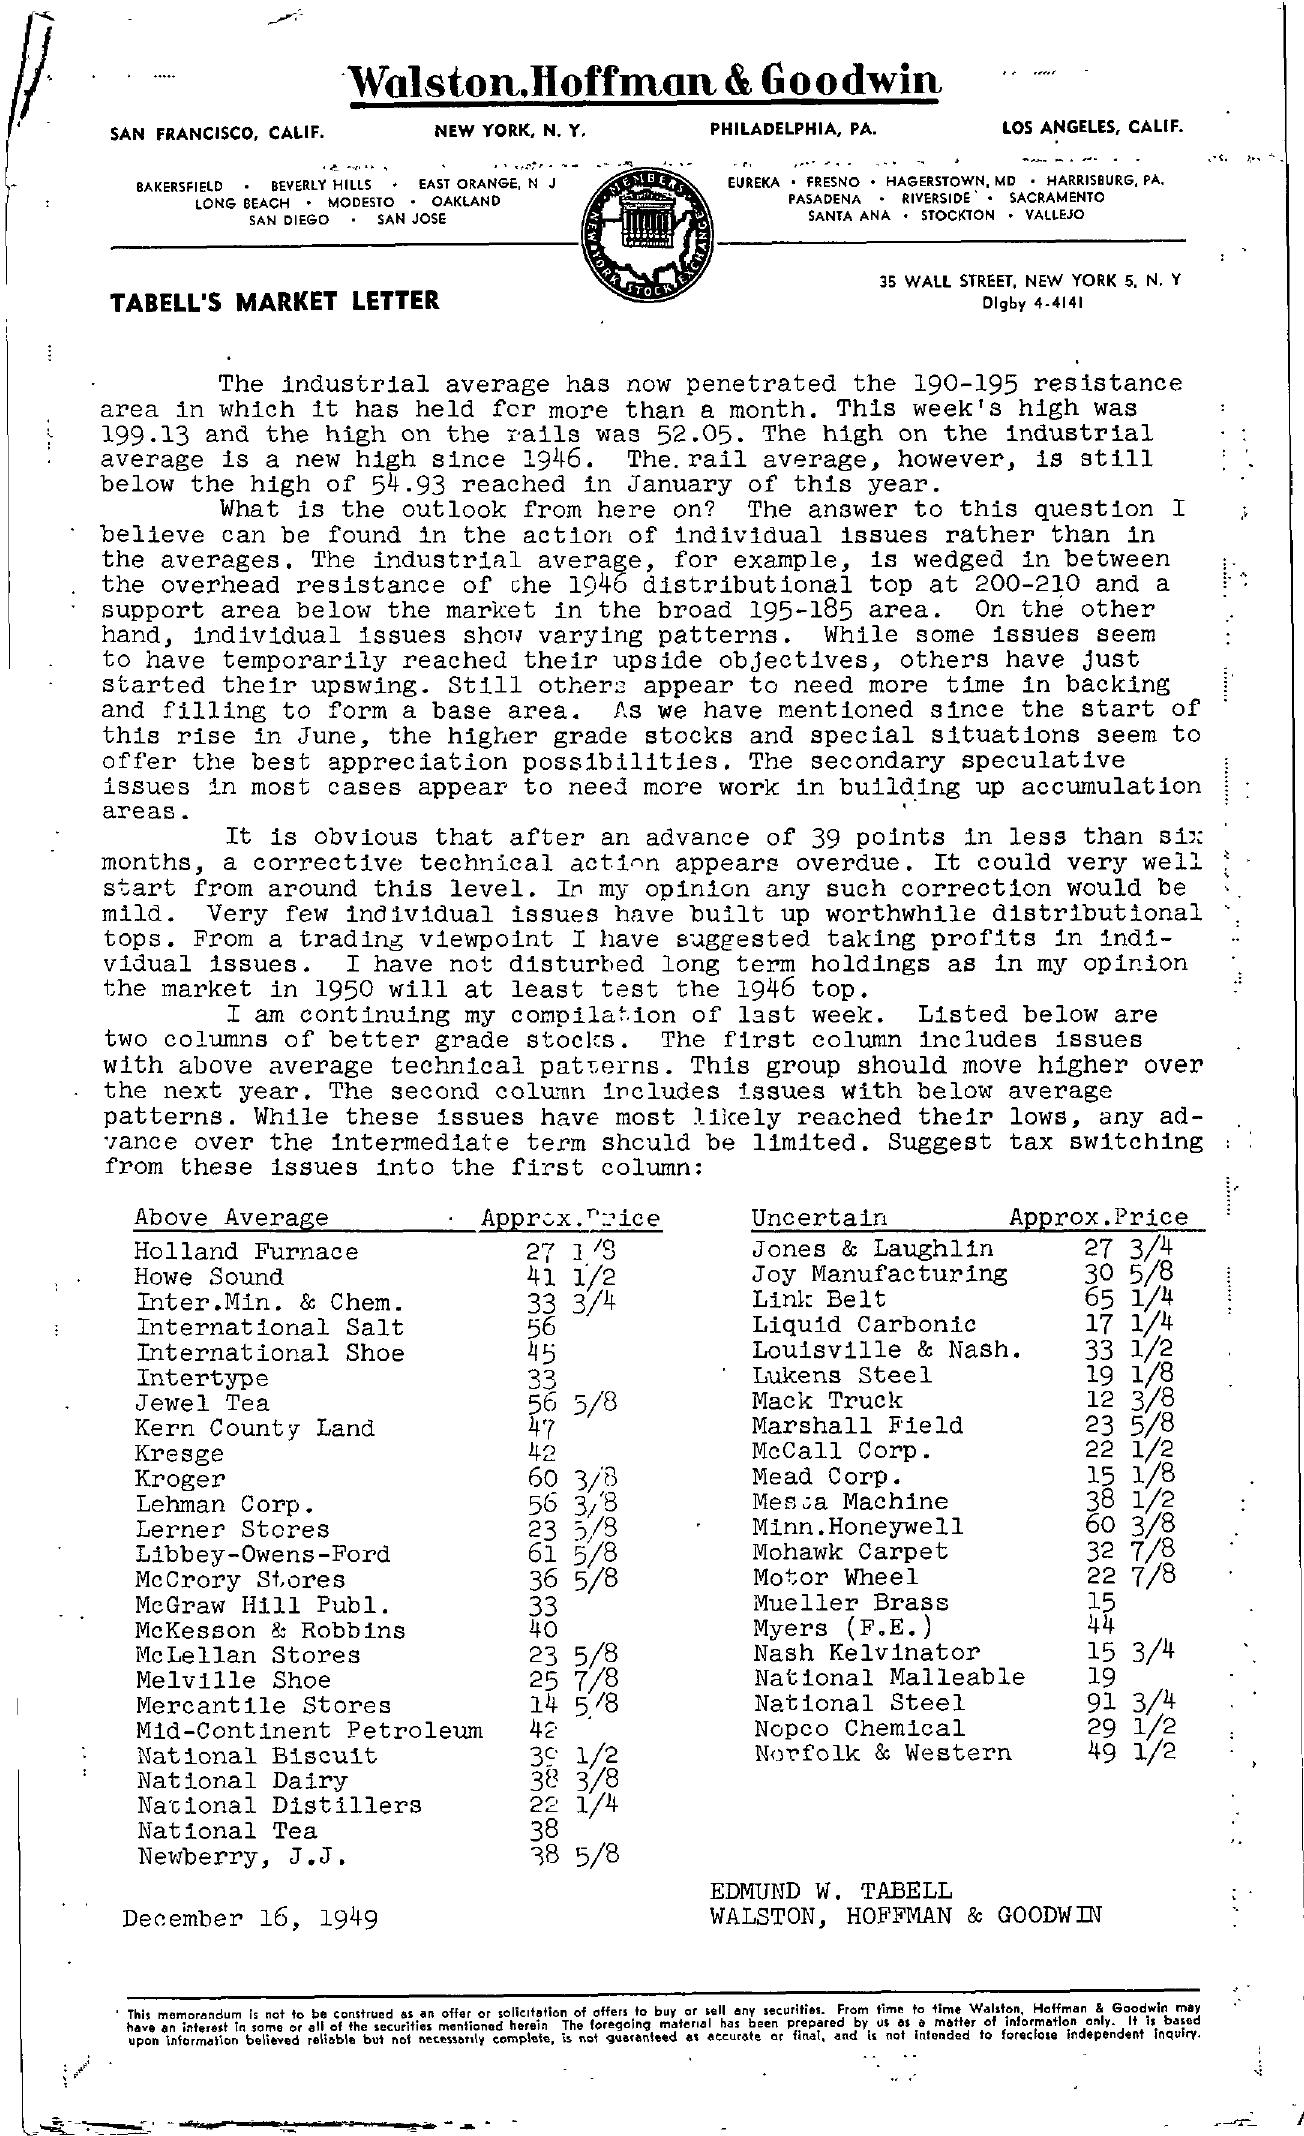 Tabell's Market Letter - December 16, 1949